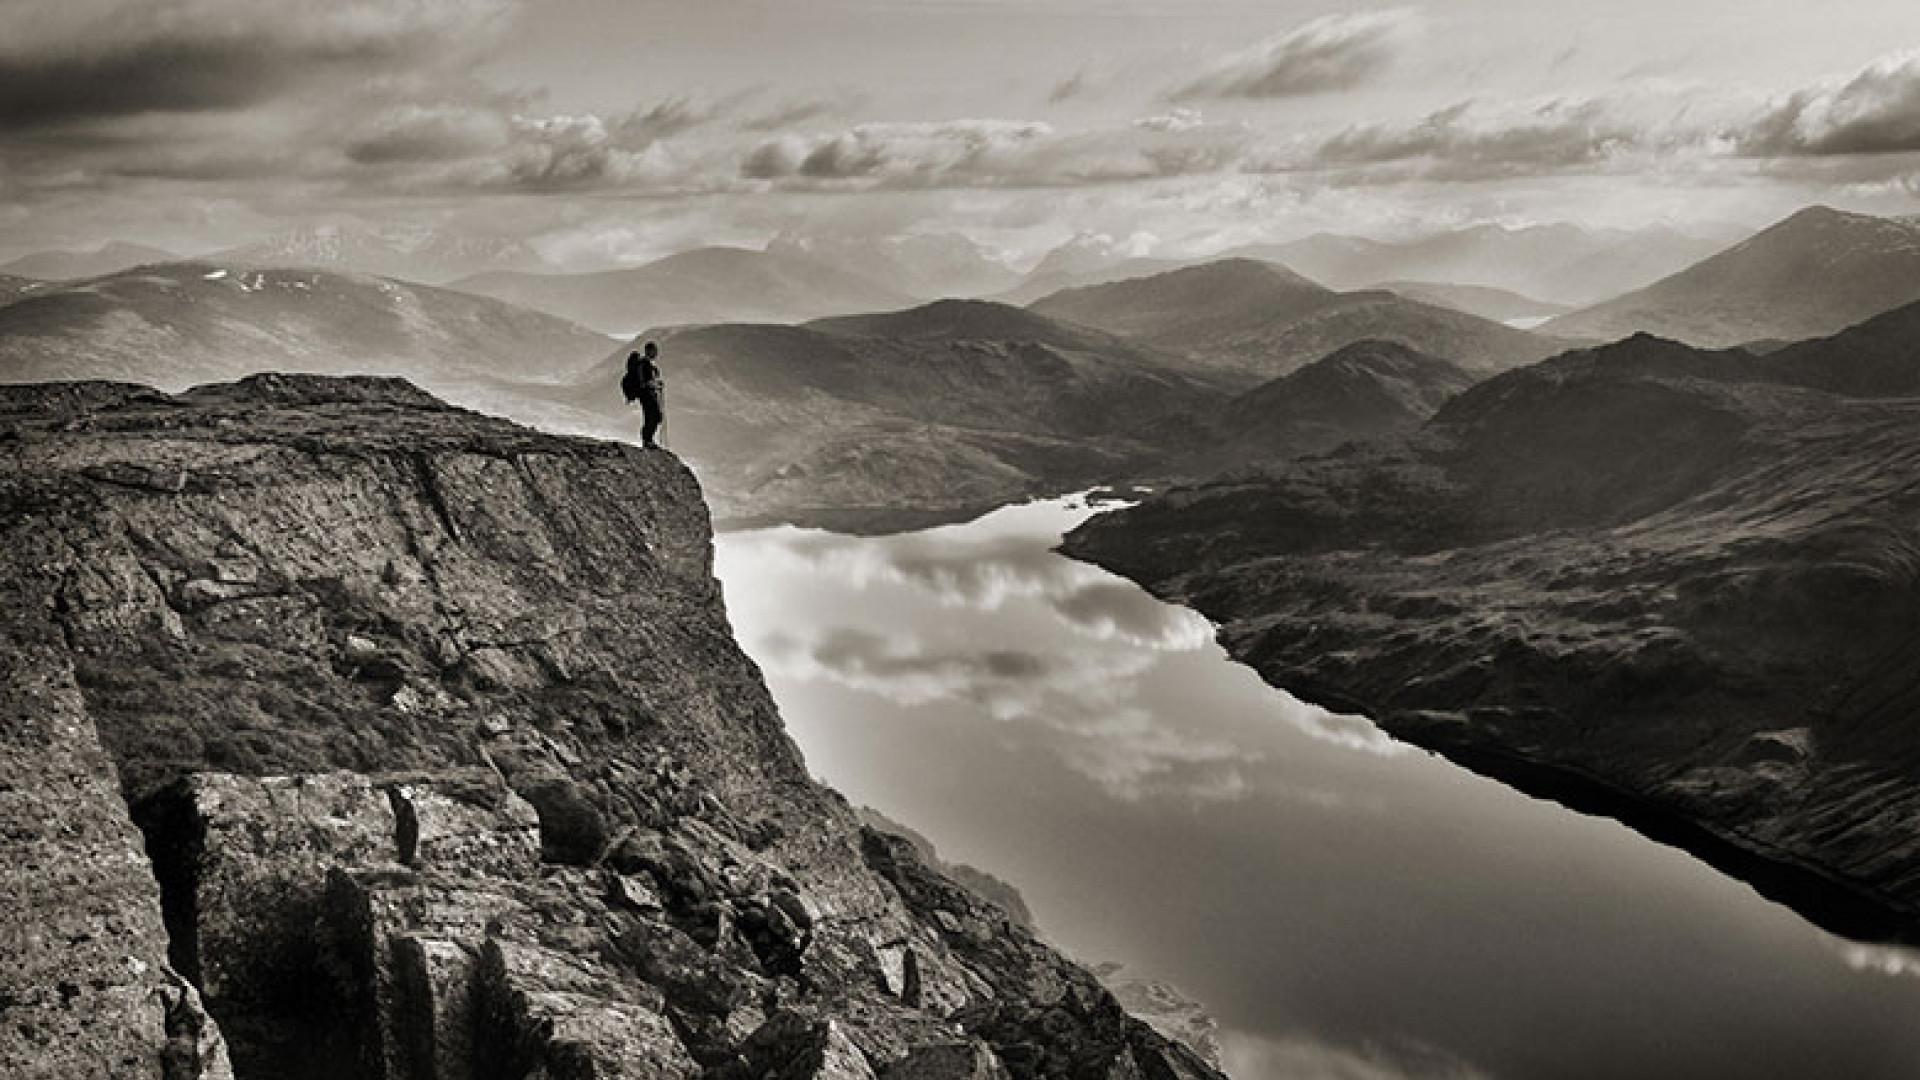 View-over-Loch-Treig,-Lochaber,-Scottish-Highlands-by-David-Kirkpatrick-(Take-a-view,-2013)